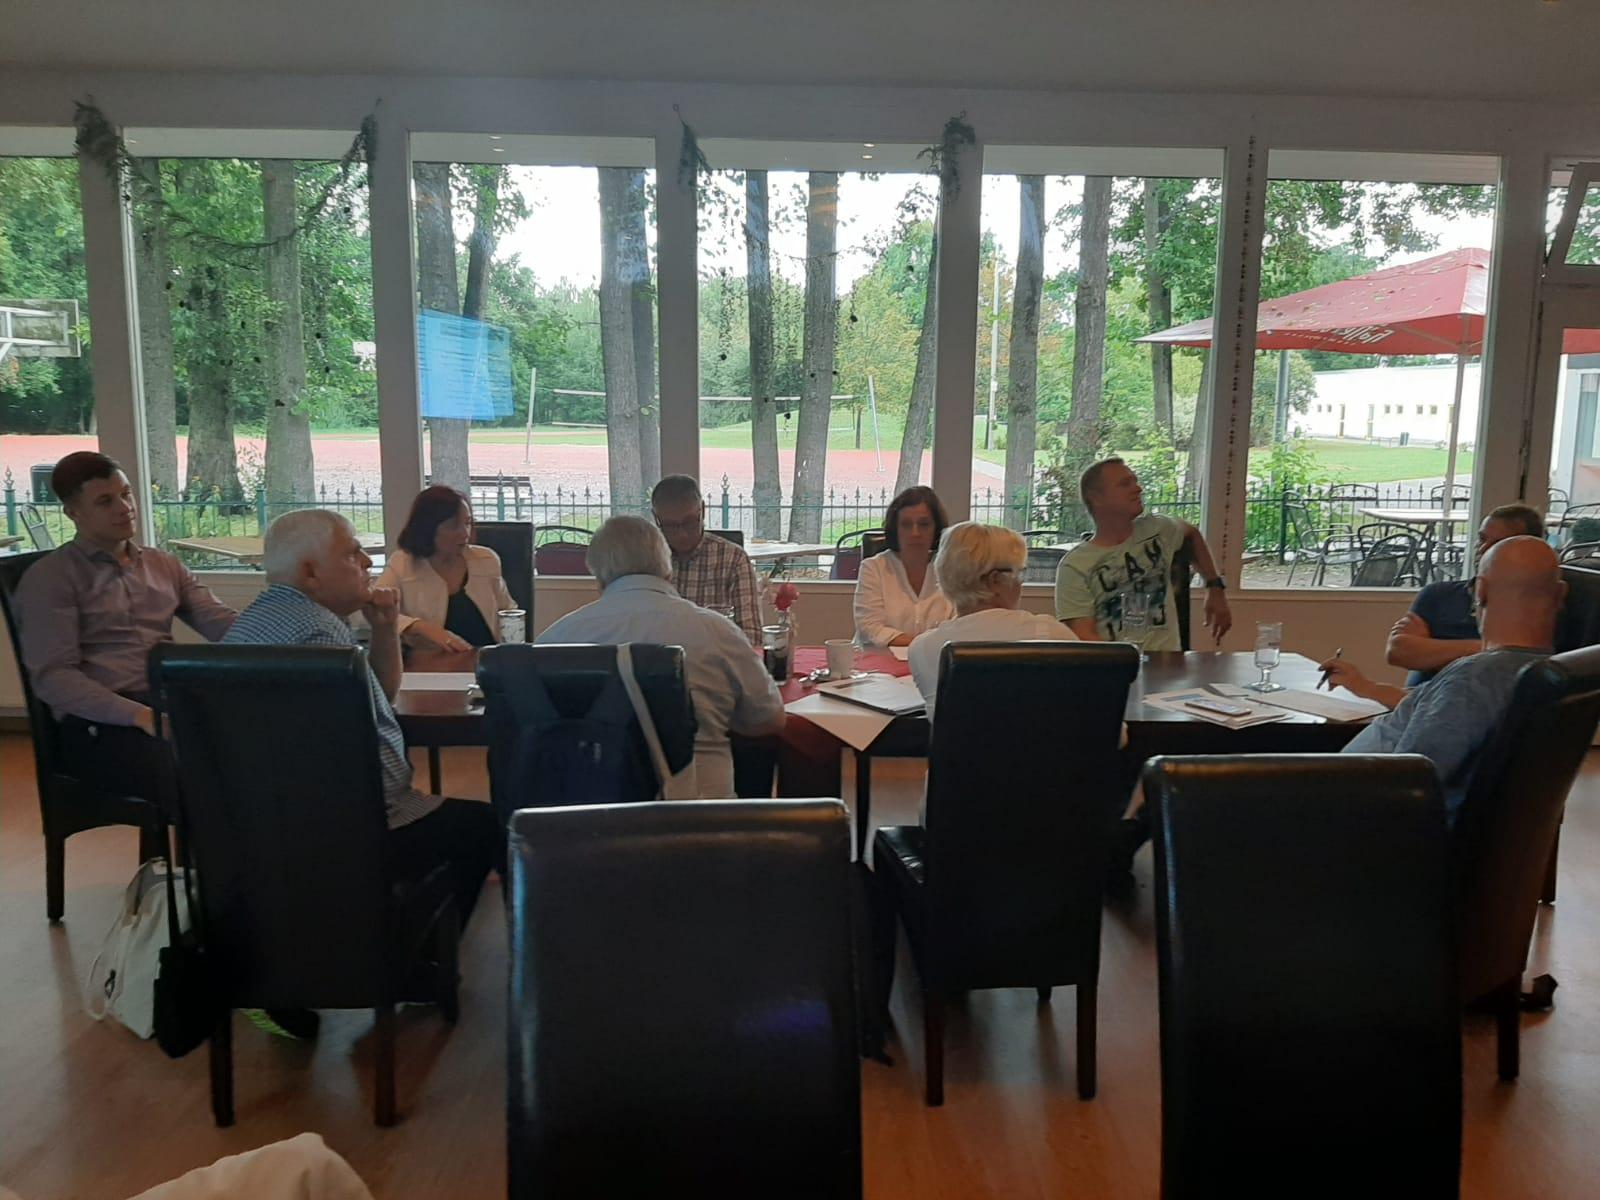 Mitgliederversammlung am 22.08.2020 des AfD Kreisverbandes Cottbus